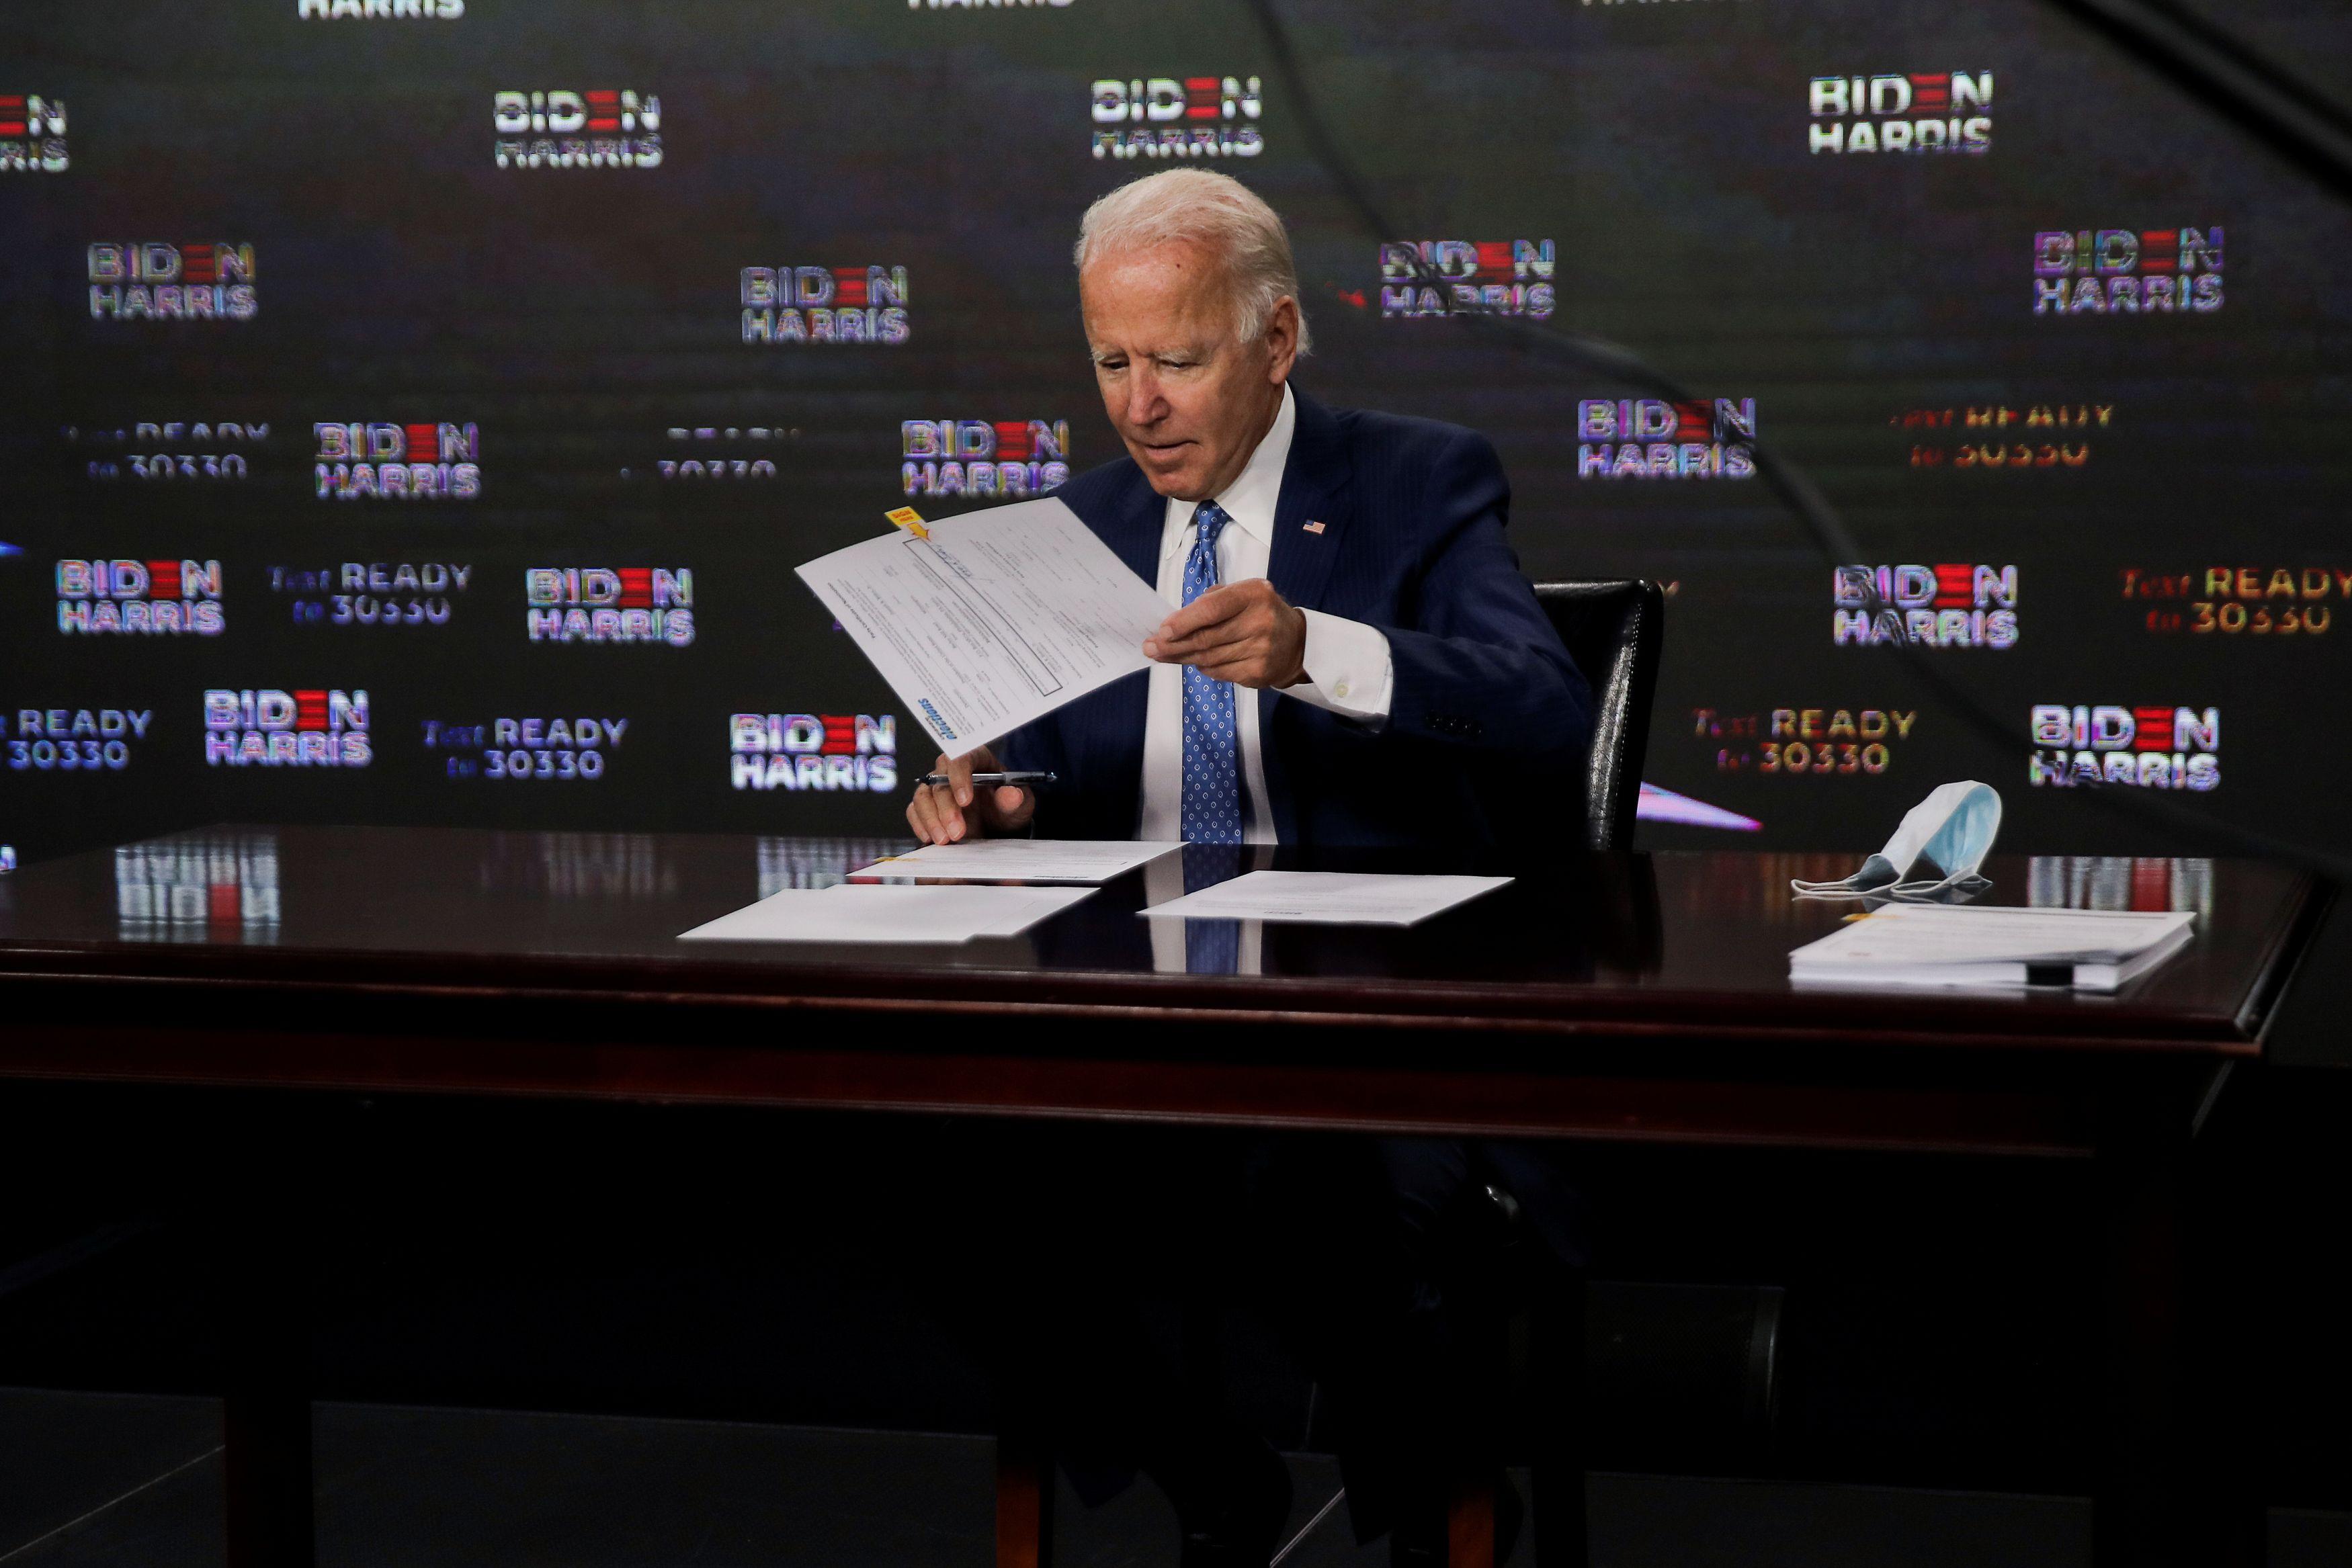 US presidential race intensifies as DNC begins